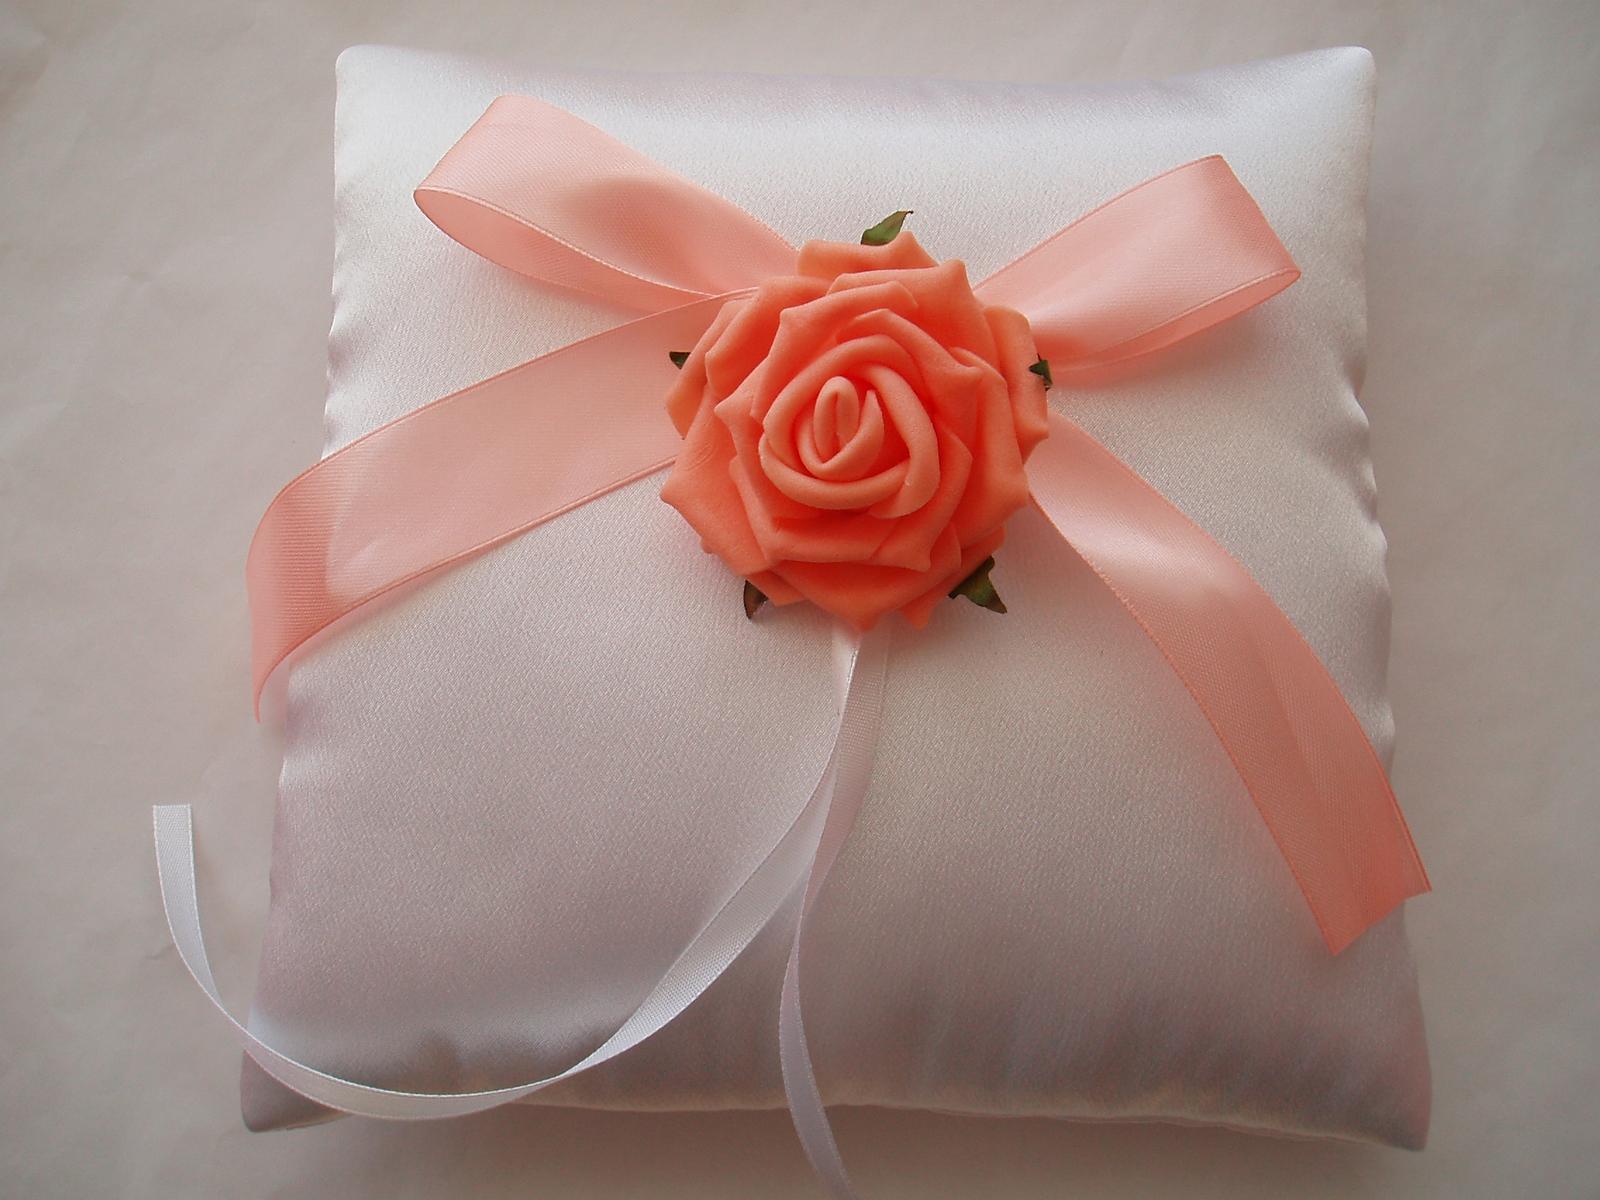 polštářek pod prstýnky-růže - Obrázek č. 1